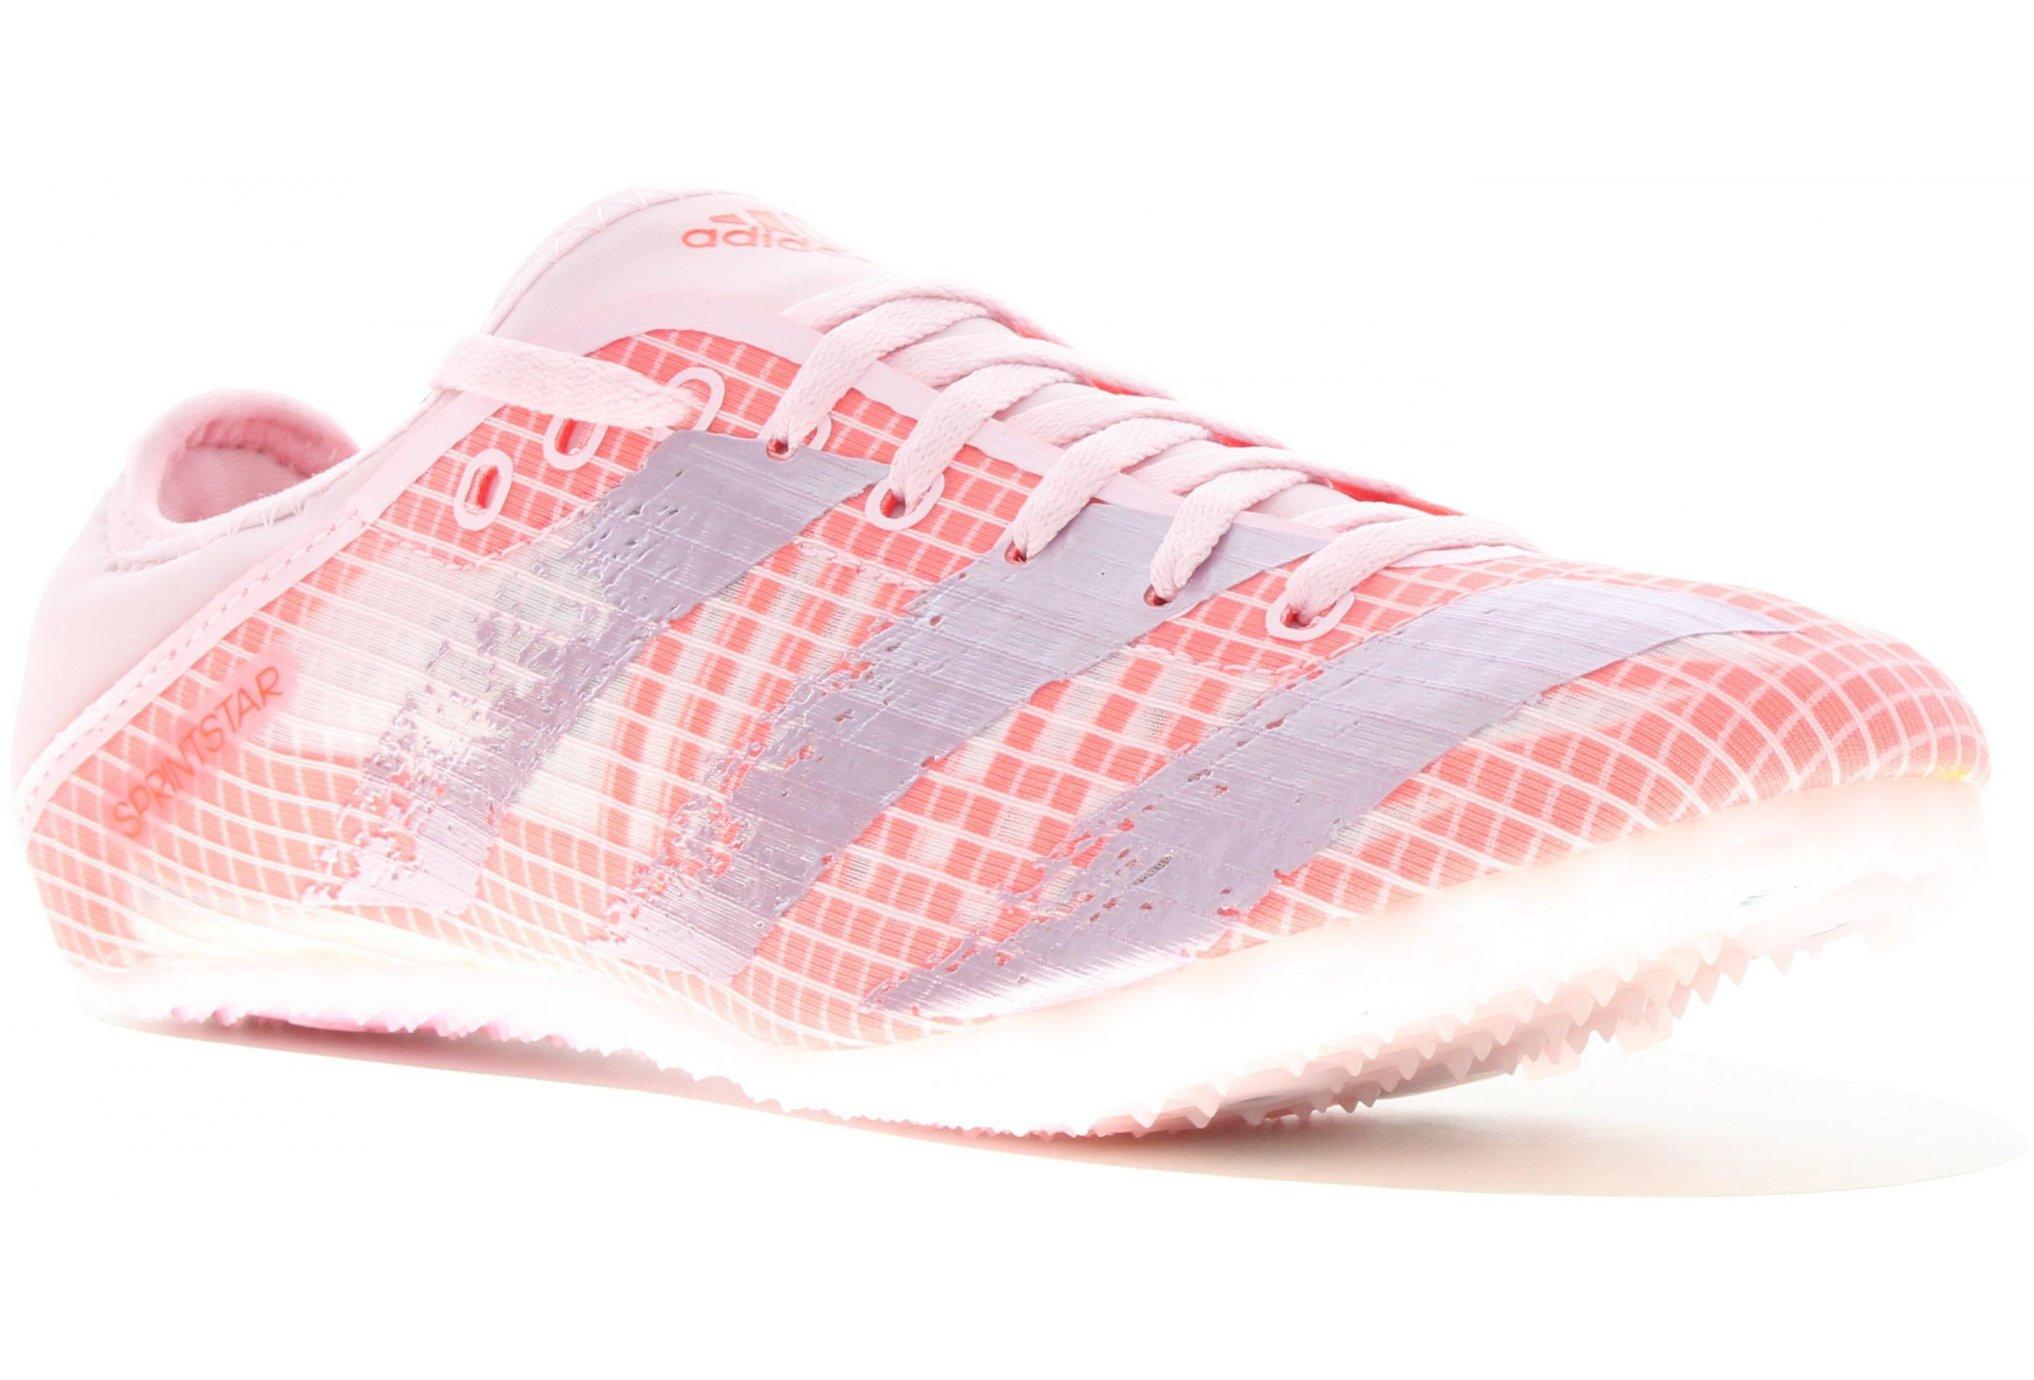 adidas Sprintstar W Diététique Chaussures femme